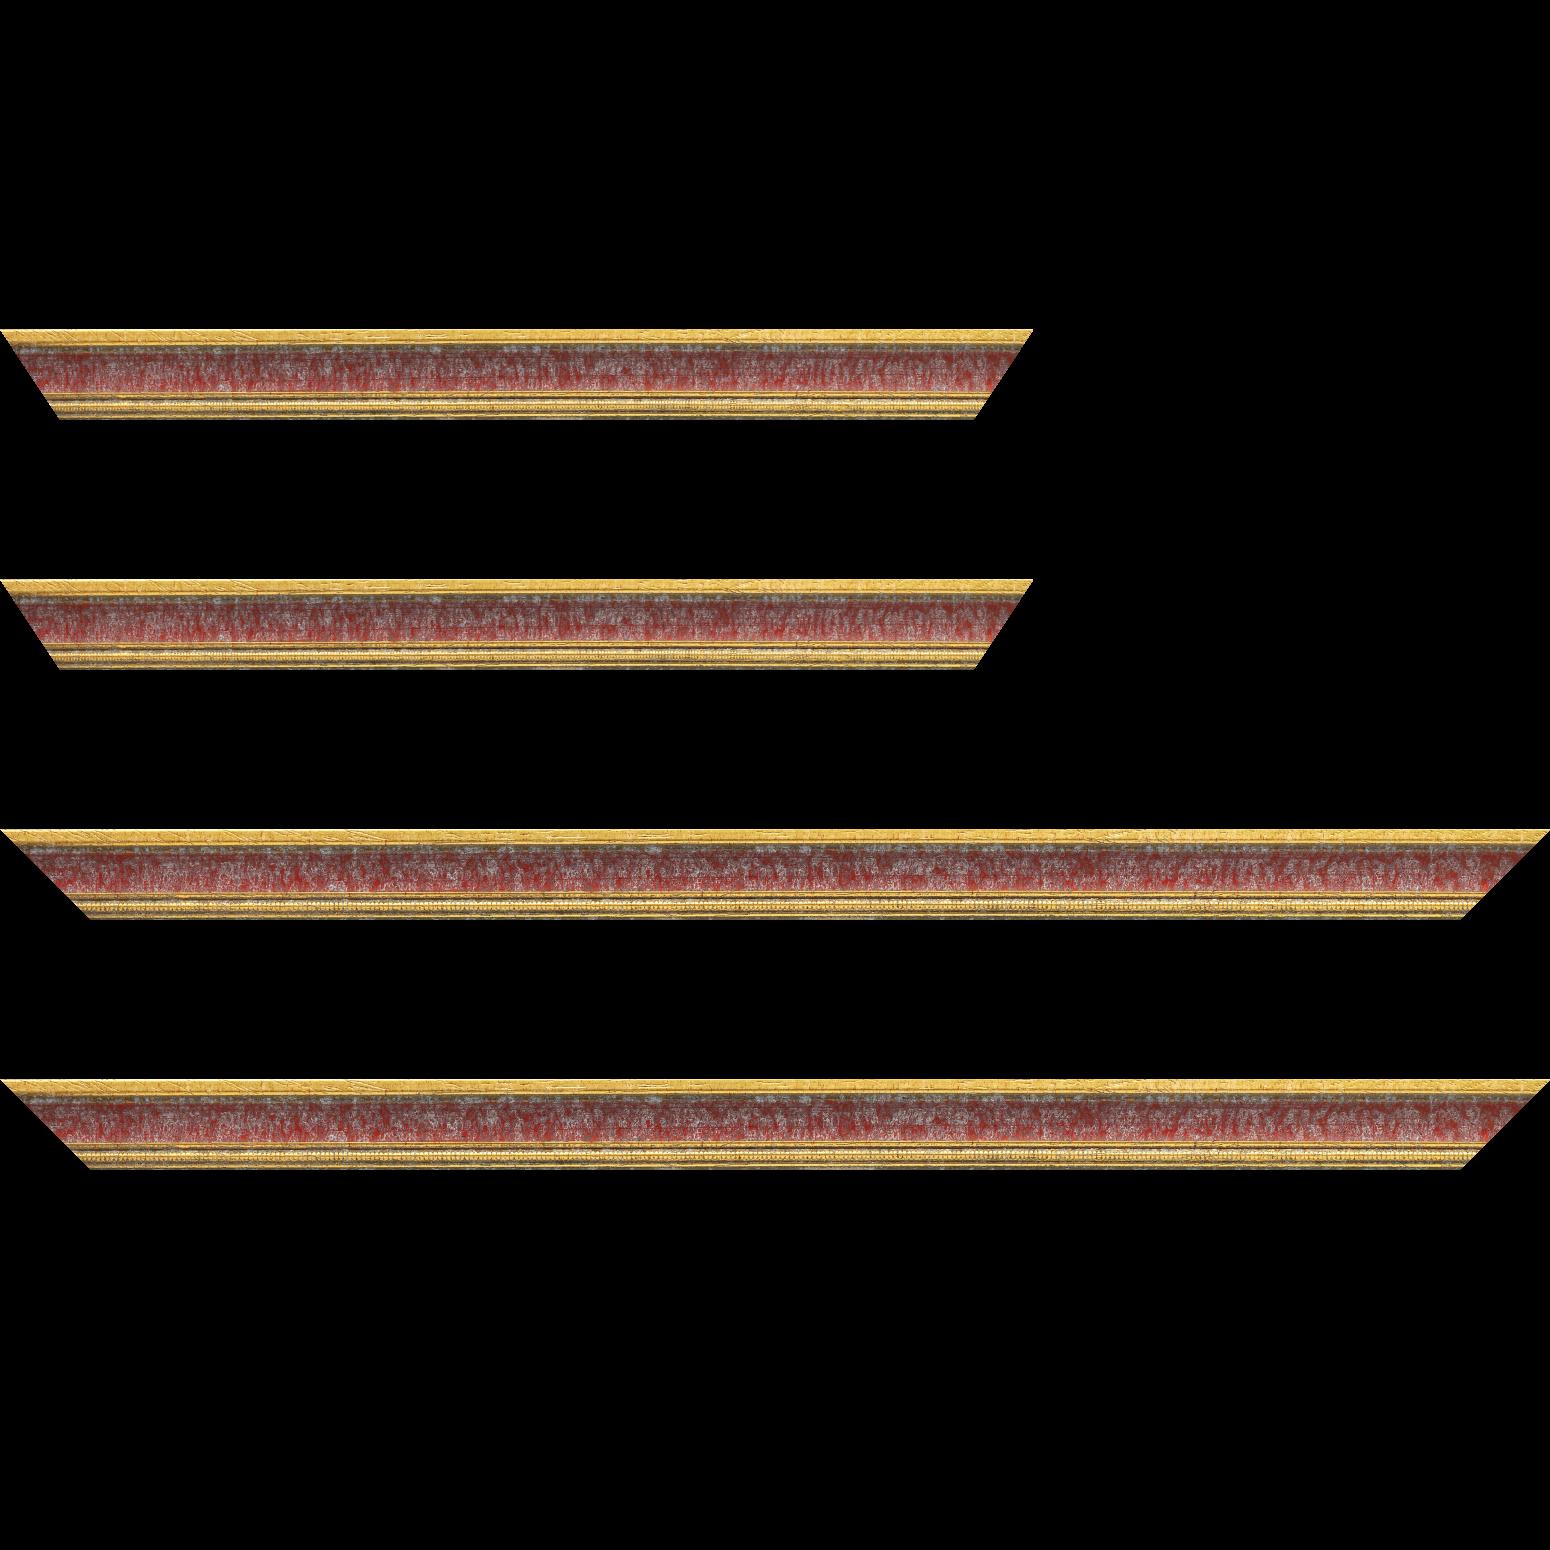 Baguette service précoupé Bois profil incuvé largeur 2.4cm  or antique gorge rouge cerise filet perle or